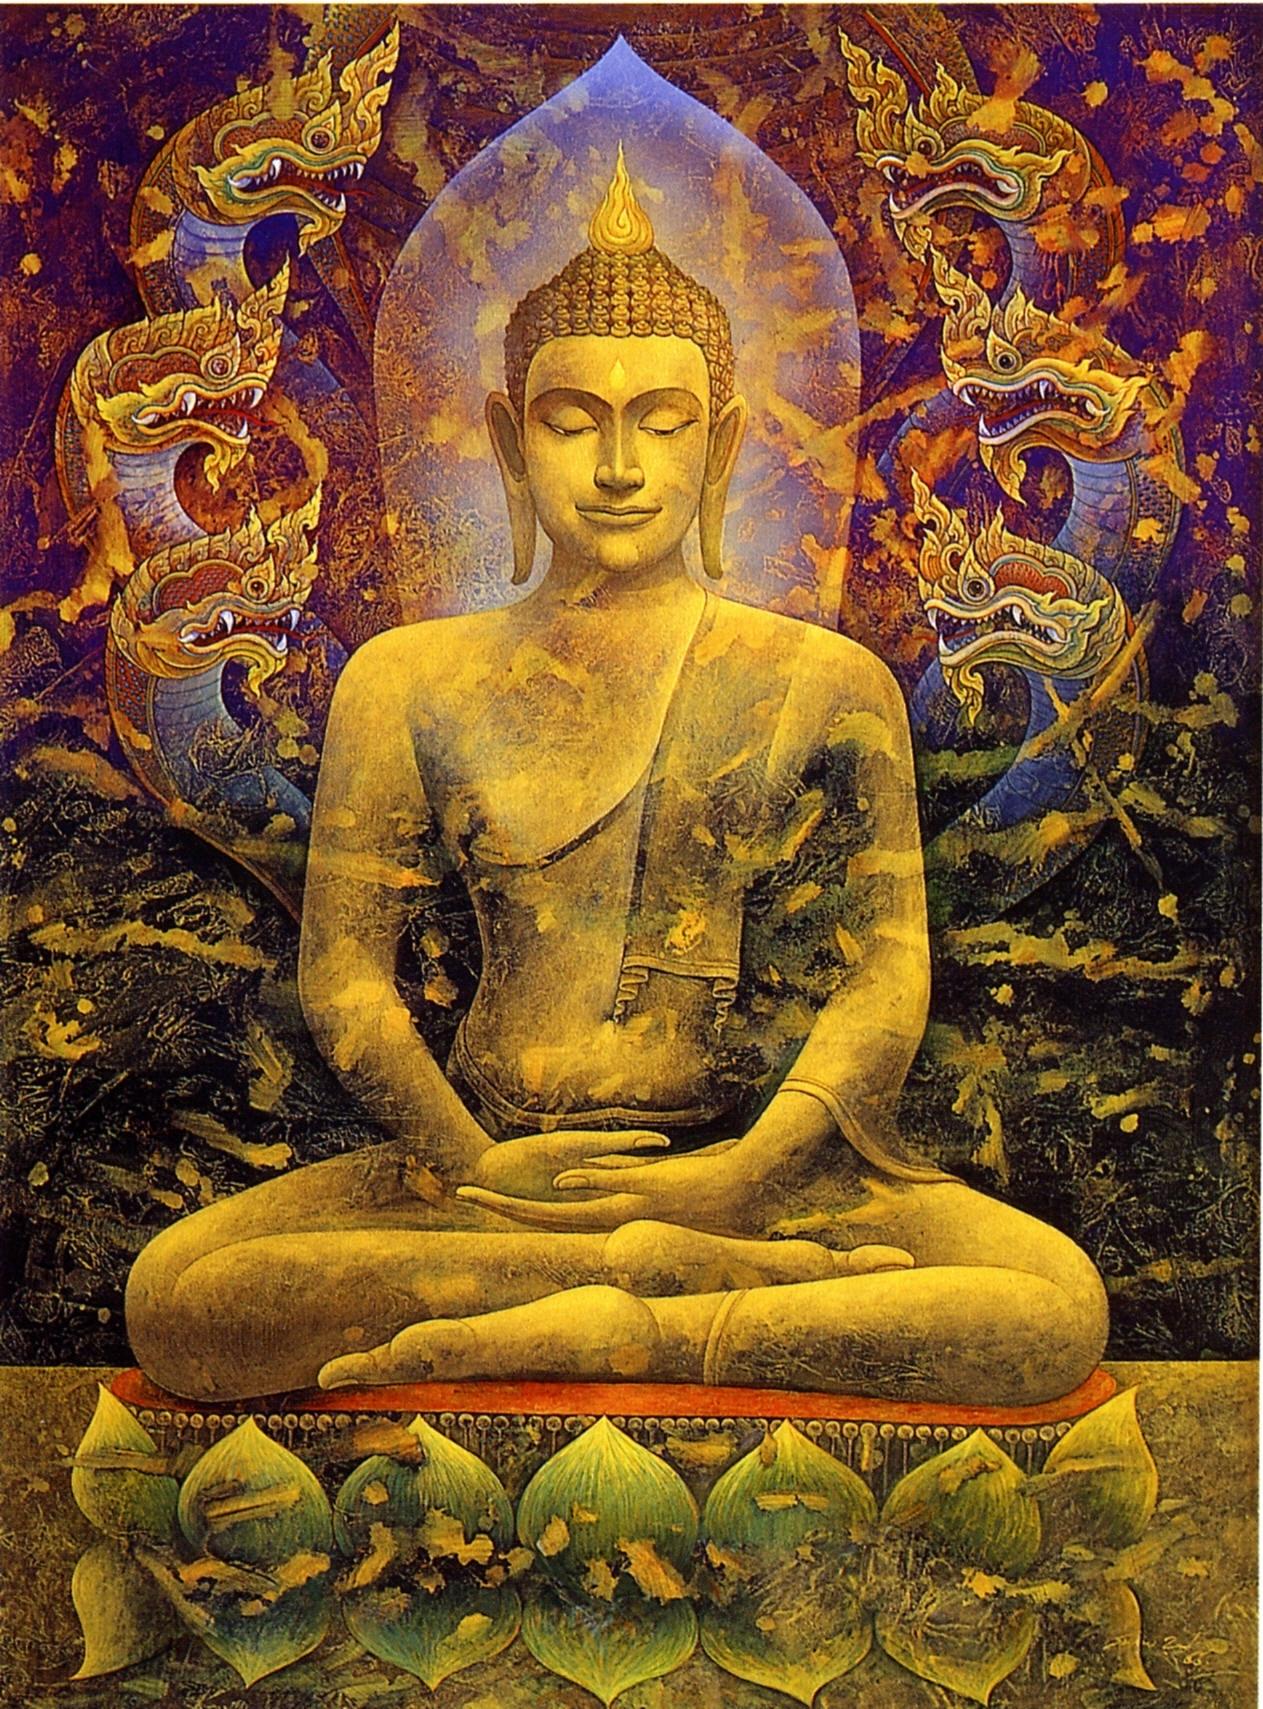 Kết quả hình ảnh cho Vay trả trả vay (Tâm lý học siêu hình của Phật giáo)